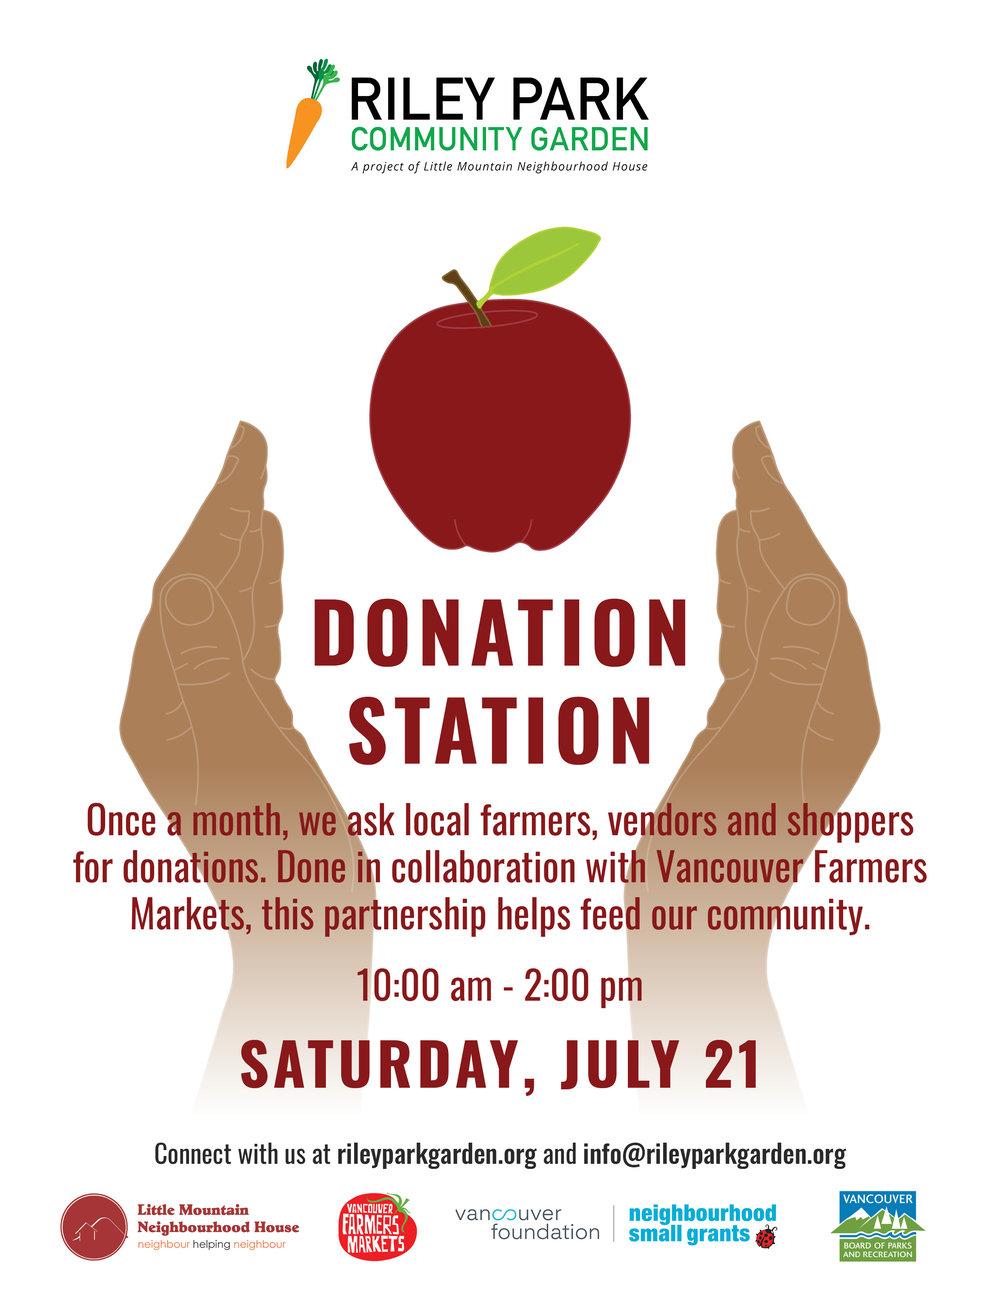 180718 FINAL Donation Station Poster_v1wl .jpg